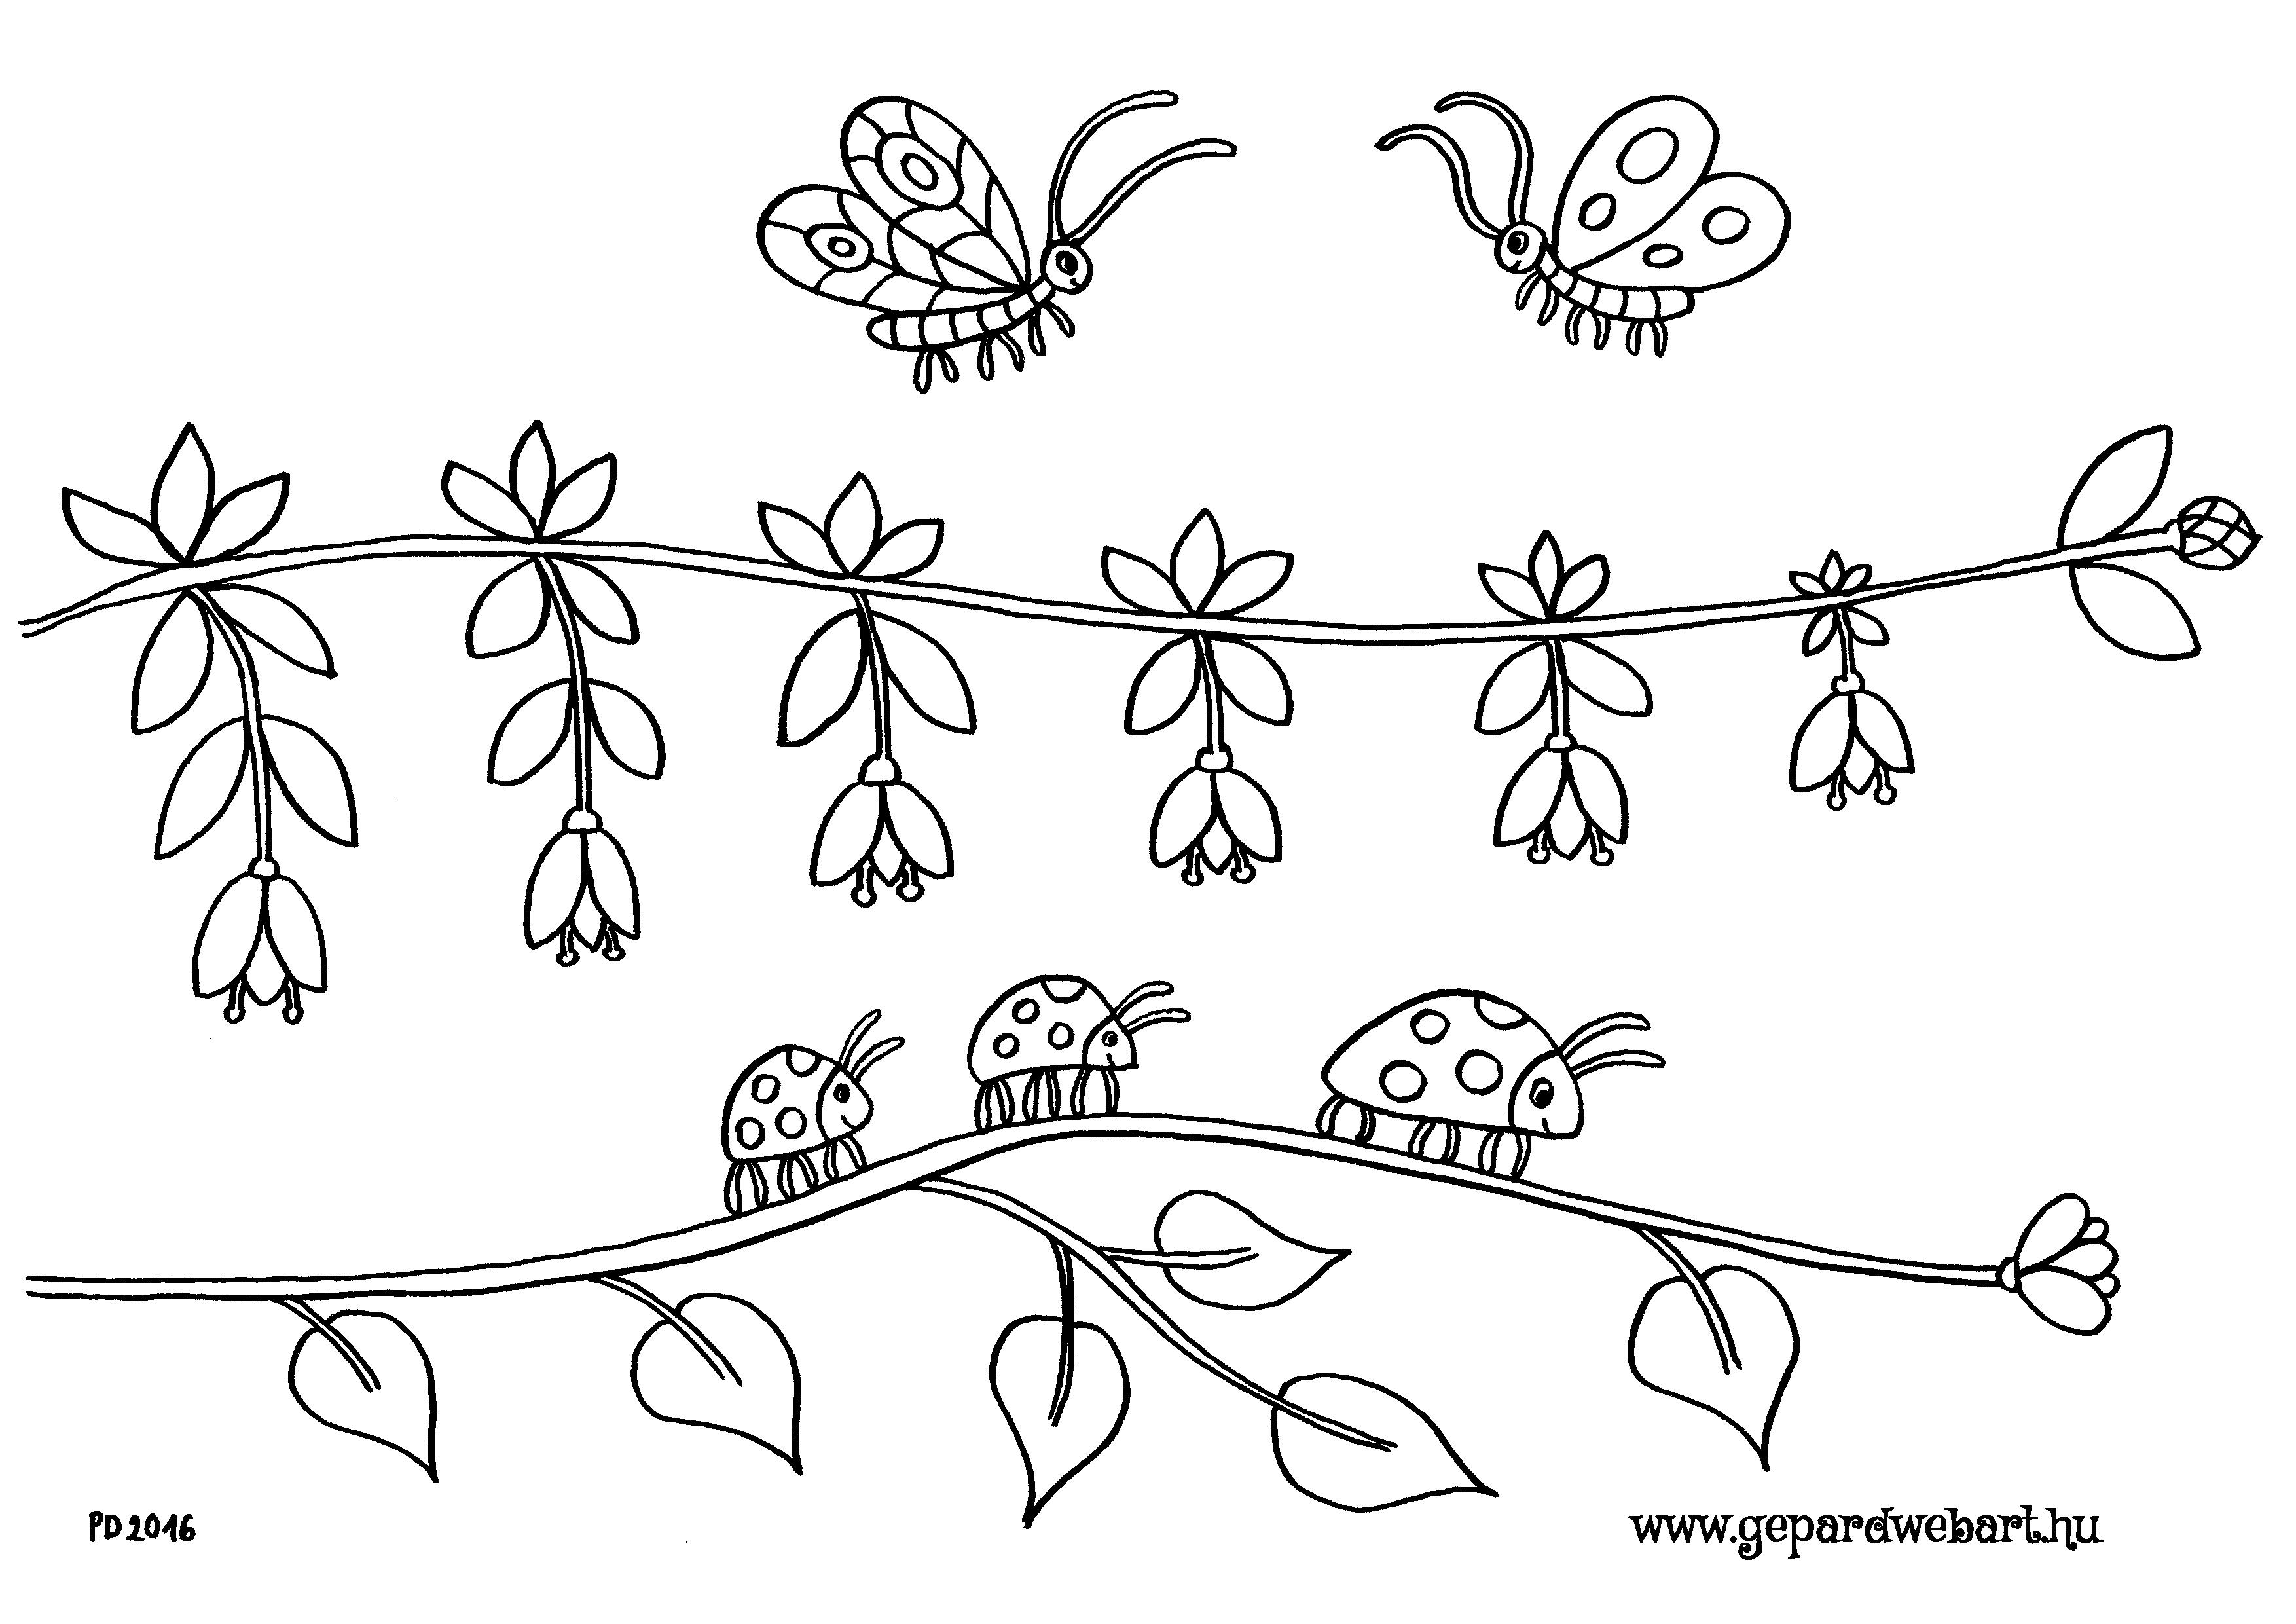 katicás, lepkés kiszínező